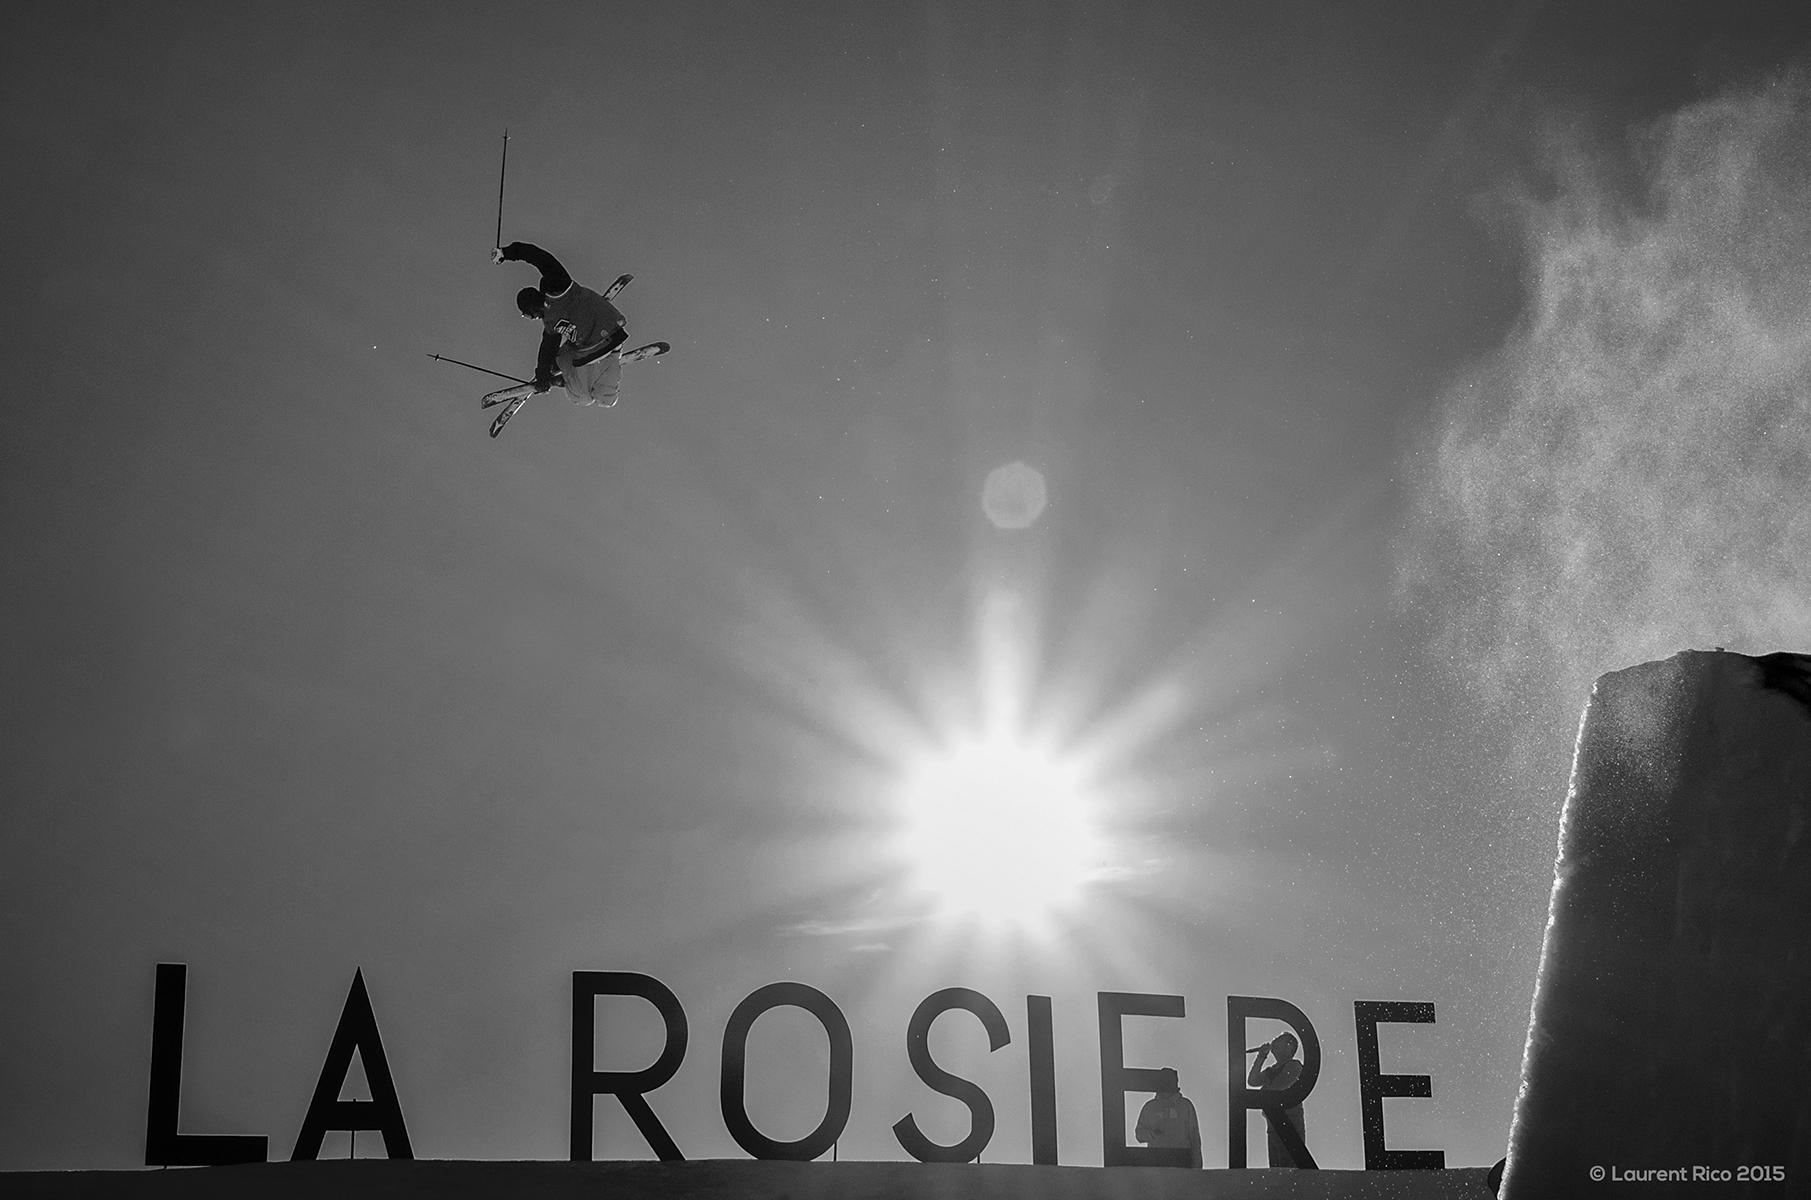 laurent rico-production- photographe-realisateur-reportage-evenementiel-freeski-playoffs-nissan-la rosiere-stations-savoie-grenoble